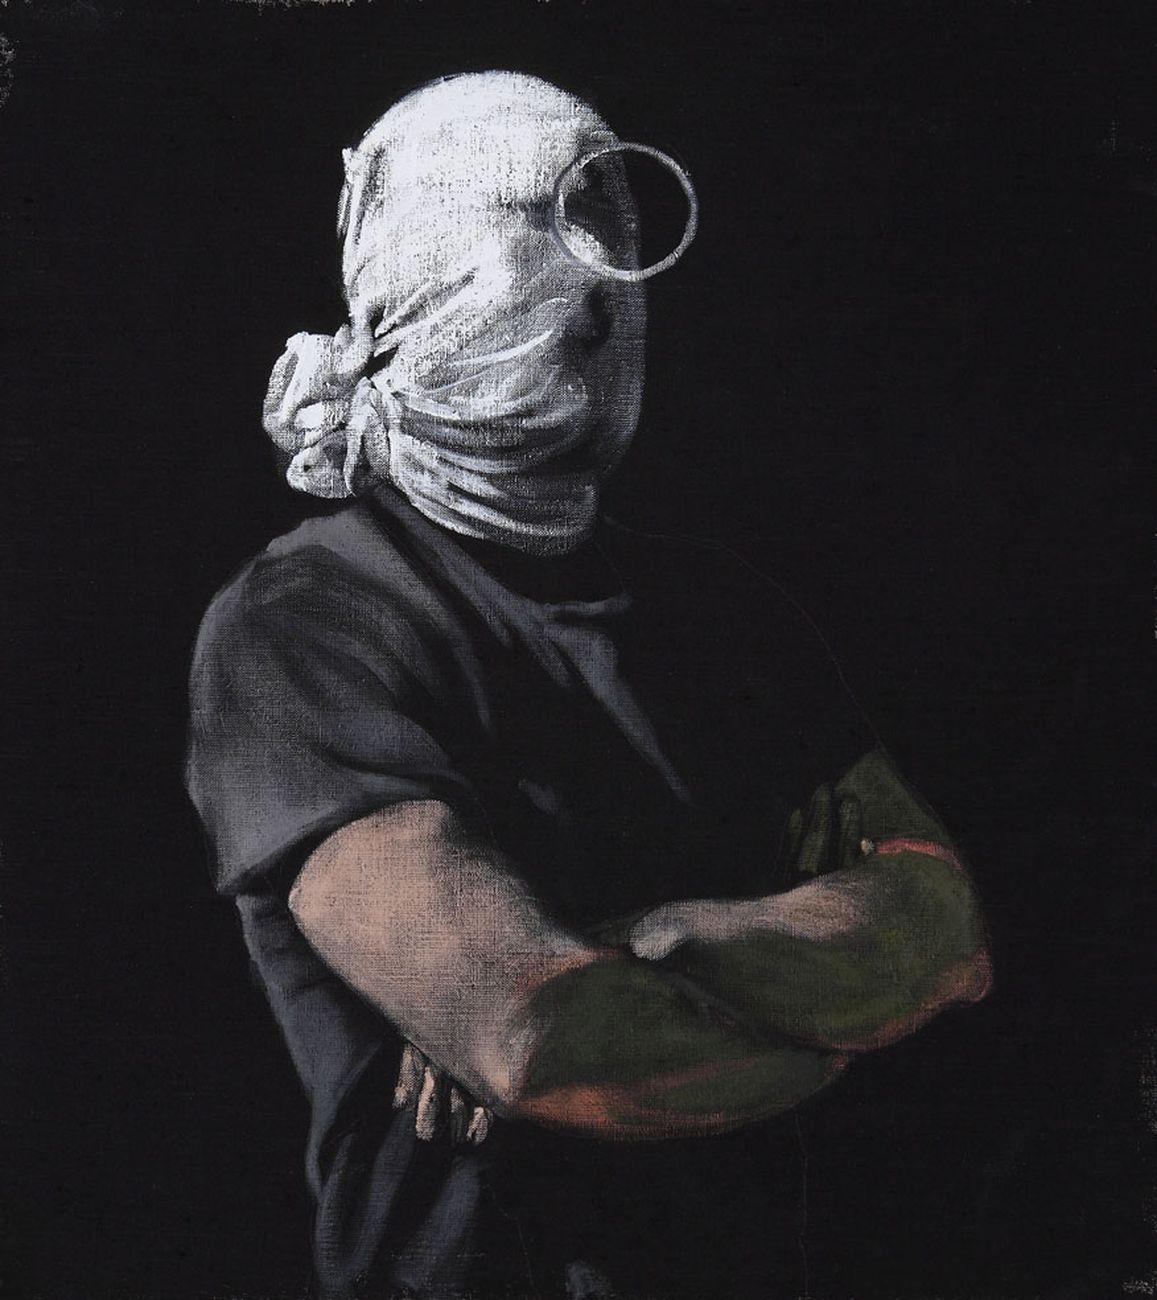 Alessandro Scarabello, Untitled, 2011, acrilico e olio su tela, cm 40x44. Courtesy The Gallery Apart, Roma. Collezione Manuela Pacella, Roma